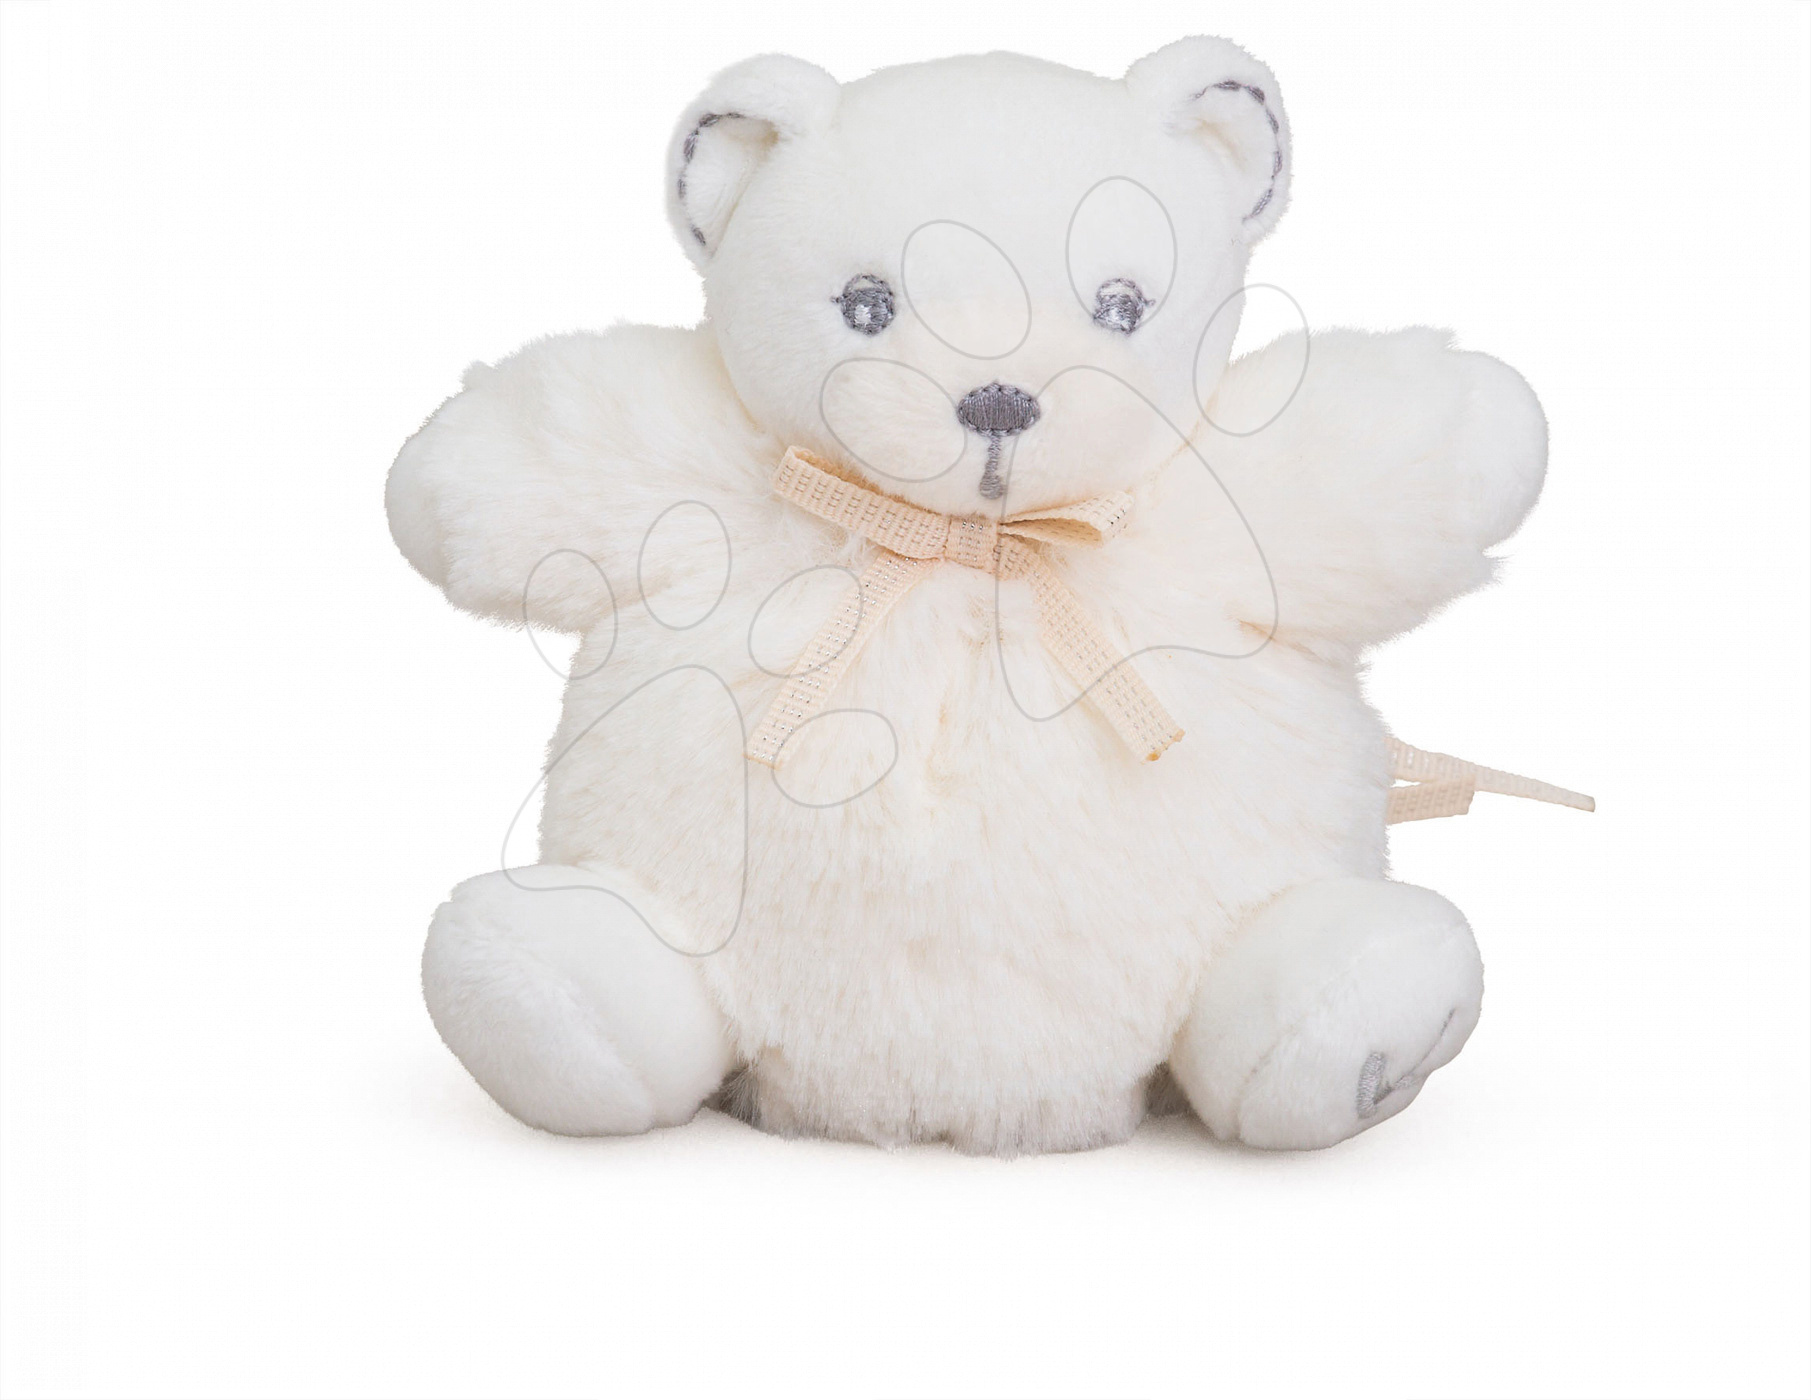 Plyšové medvede - Plyšový medvedík Perle-Mini Chubbies Bear Kaloo 12 cm pre najmenších krémový